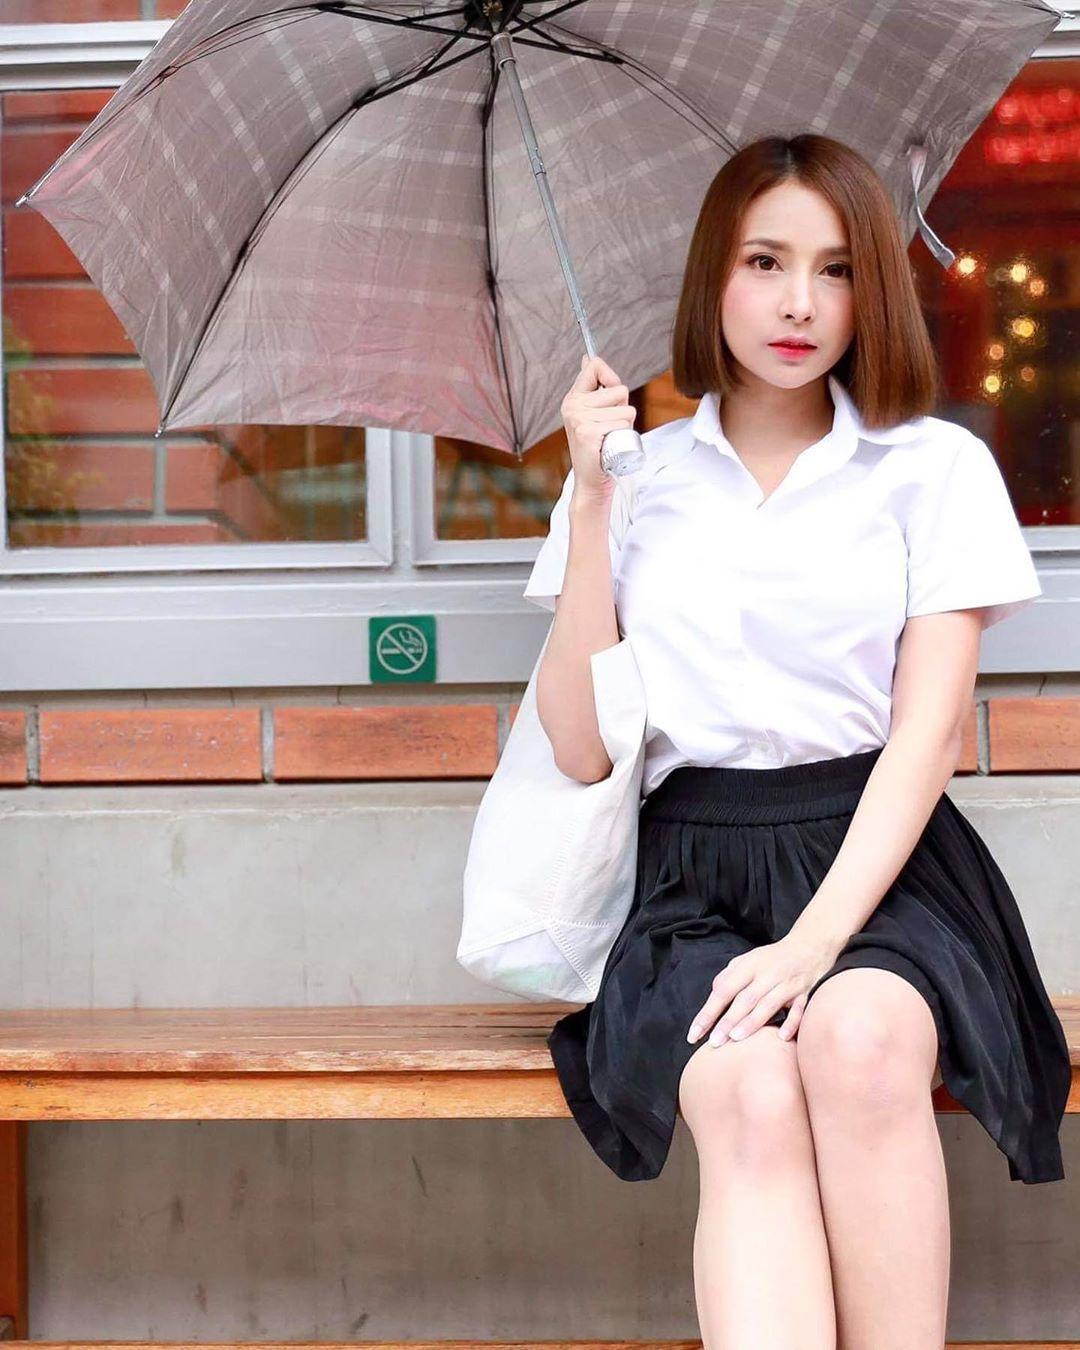 图片[11]-泰国美女绝对领域前凸后翘巨乳奶炮,那方面都是优质的!-福利巴士